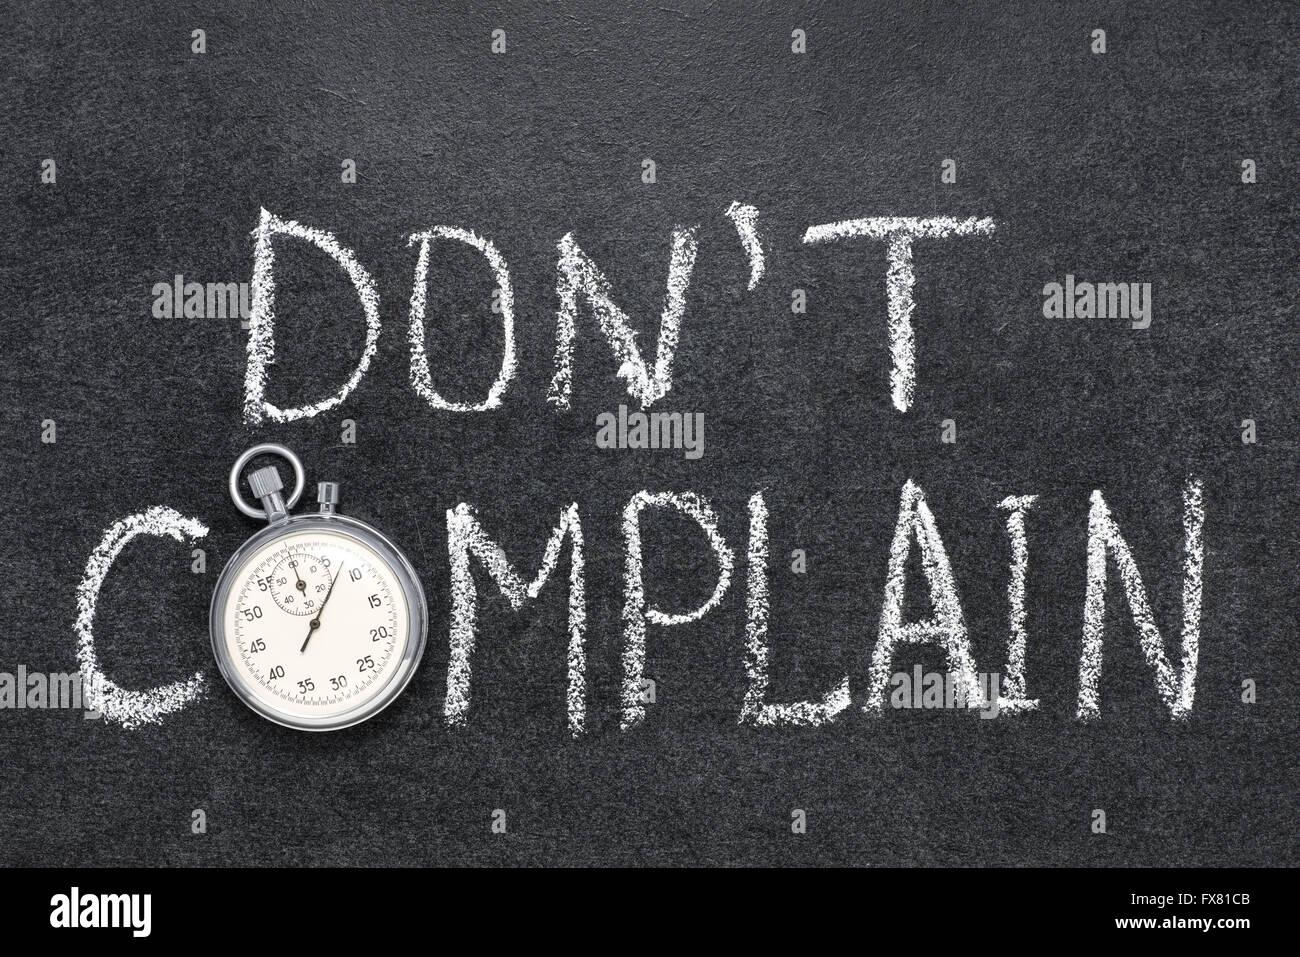 Dont lamentano una frase scritta a mano sulla lavagna con vintage cronometro preciso utilizzato al posto di o Immagini Stock